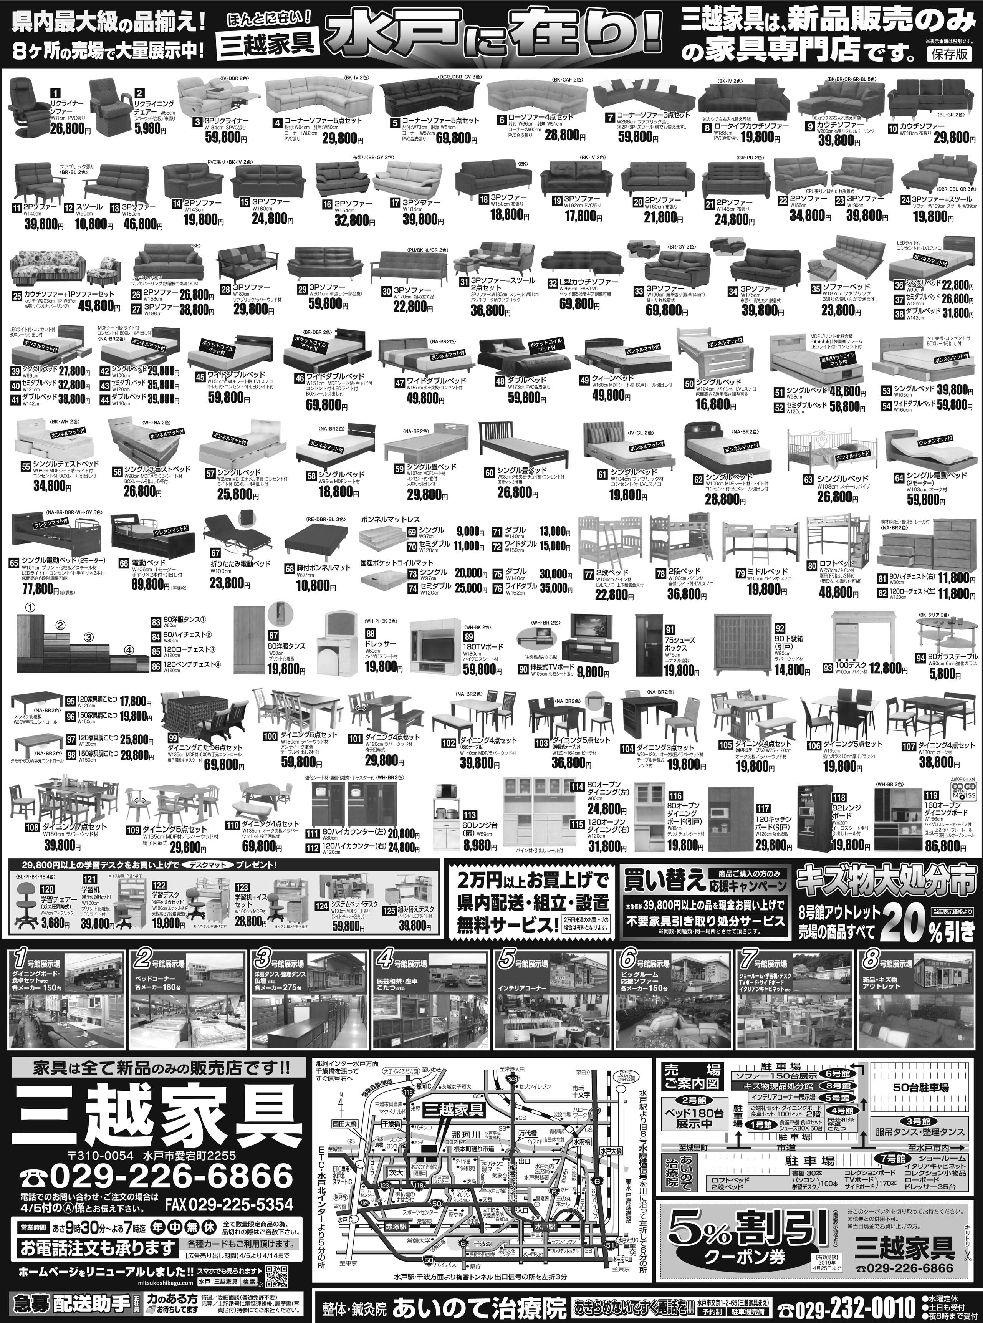 朝日0405